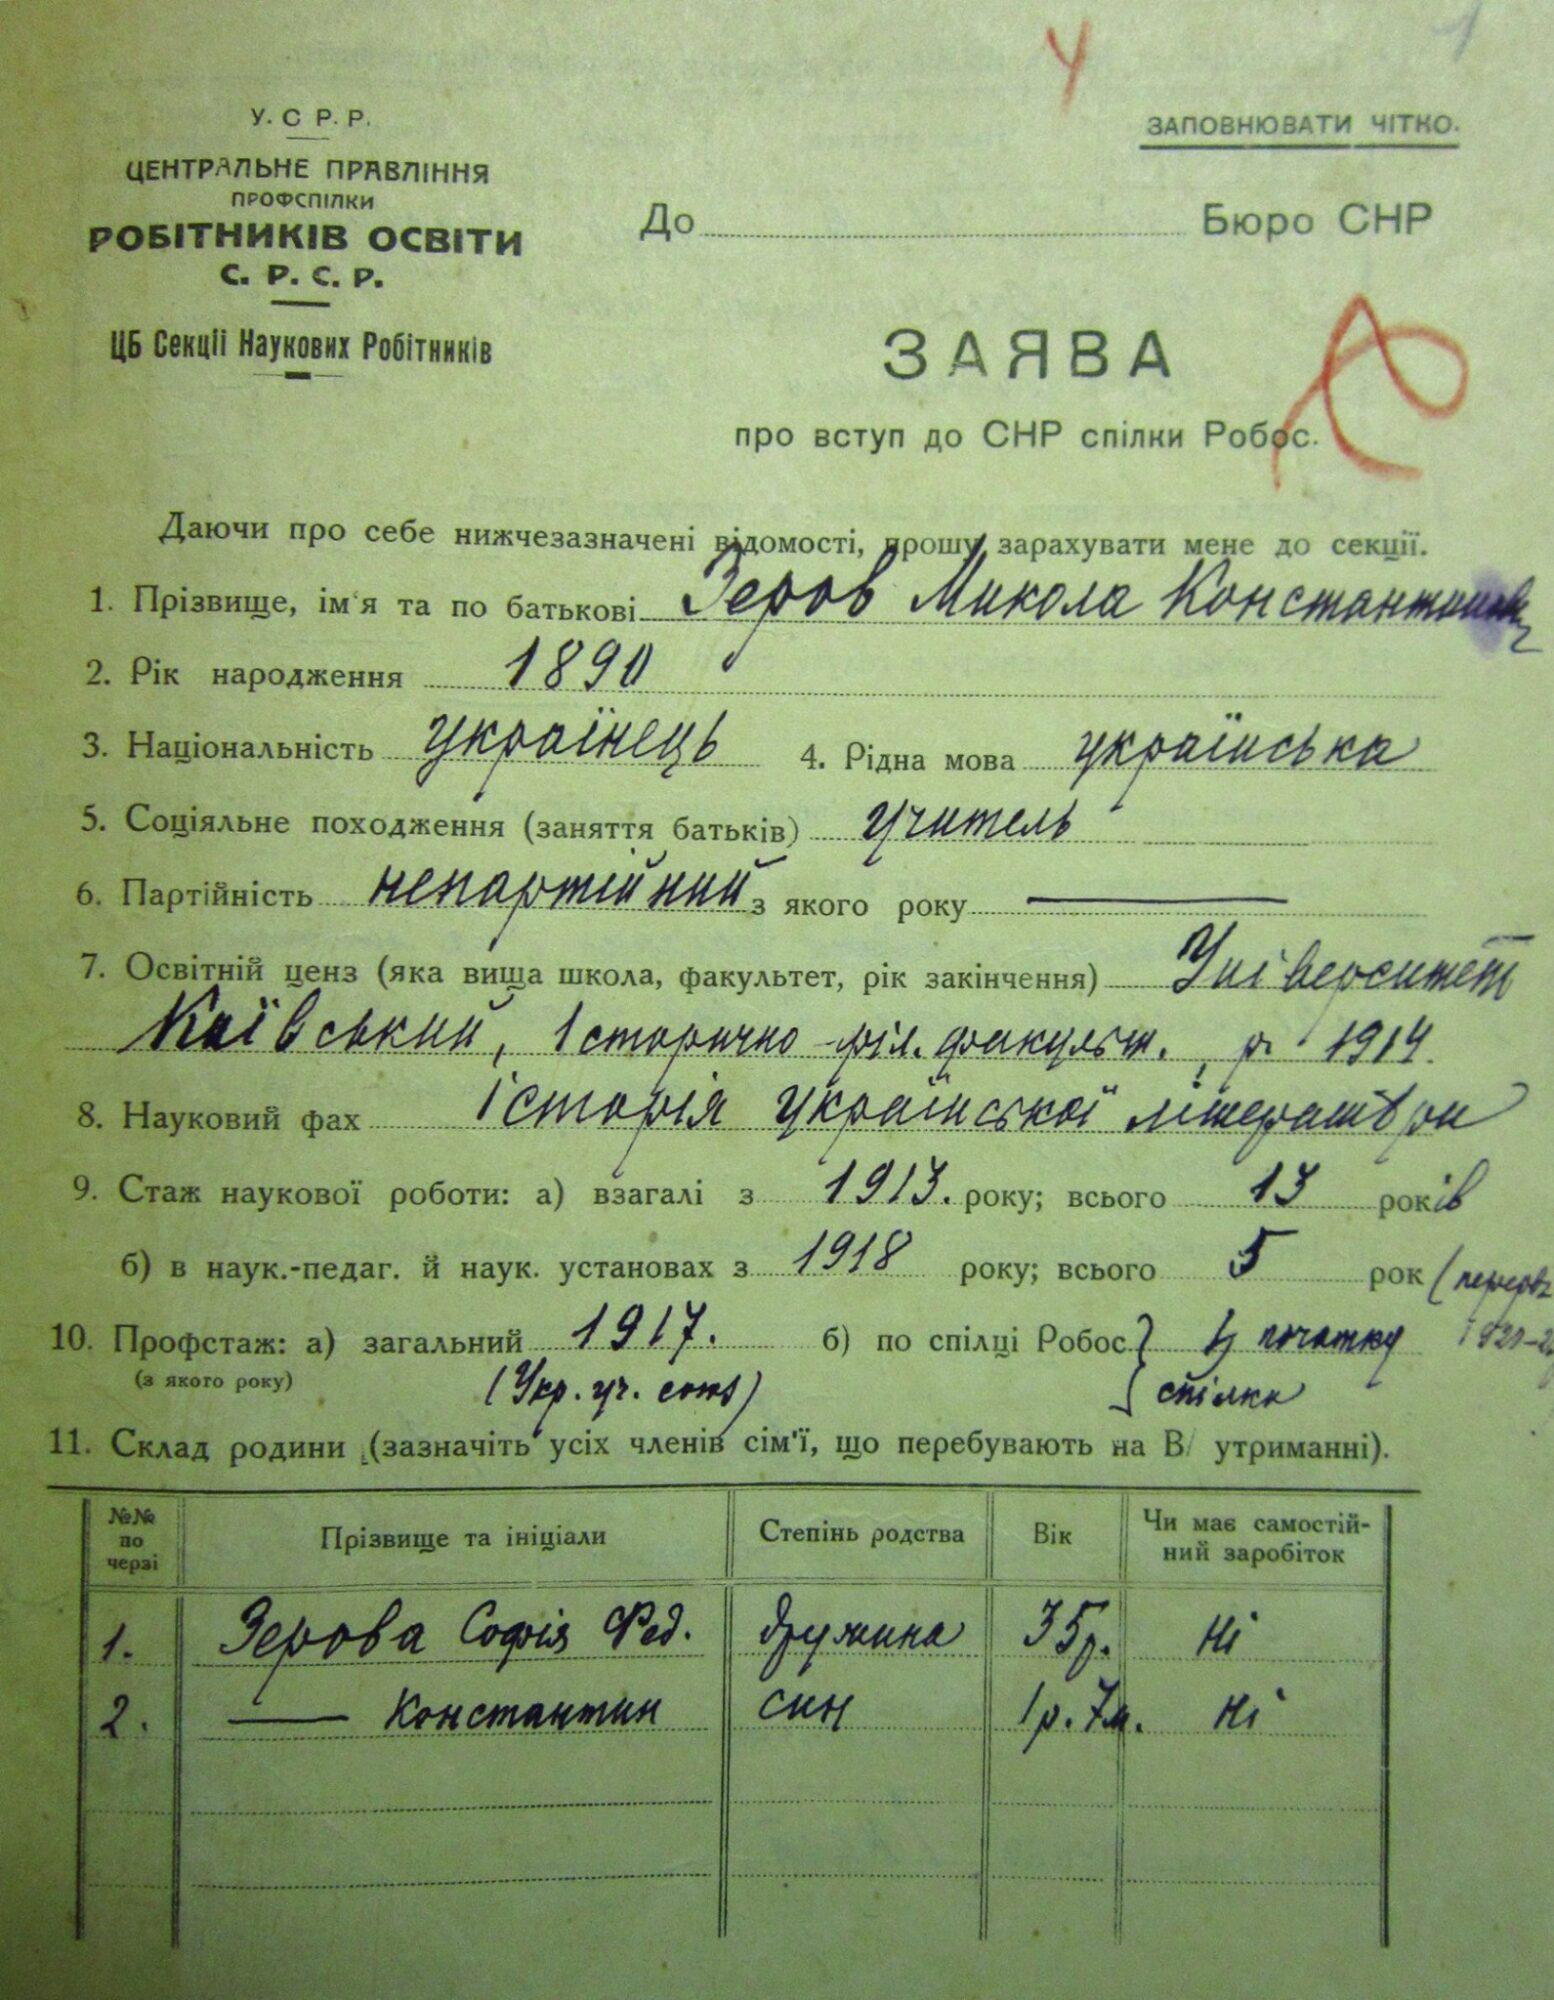 Відомі українці: різні долі братів Зерових - поет, науковці - 119721703 1261554550846845 5177549031535638983 o 1554x2000